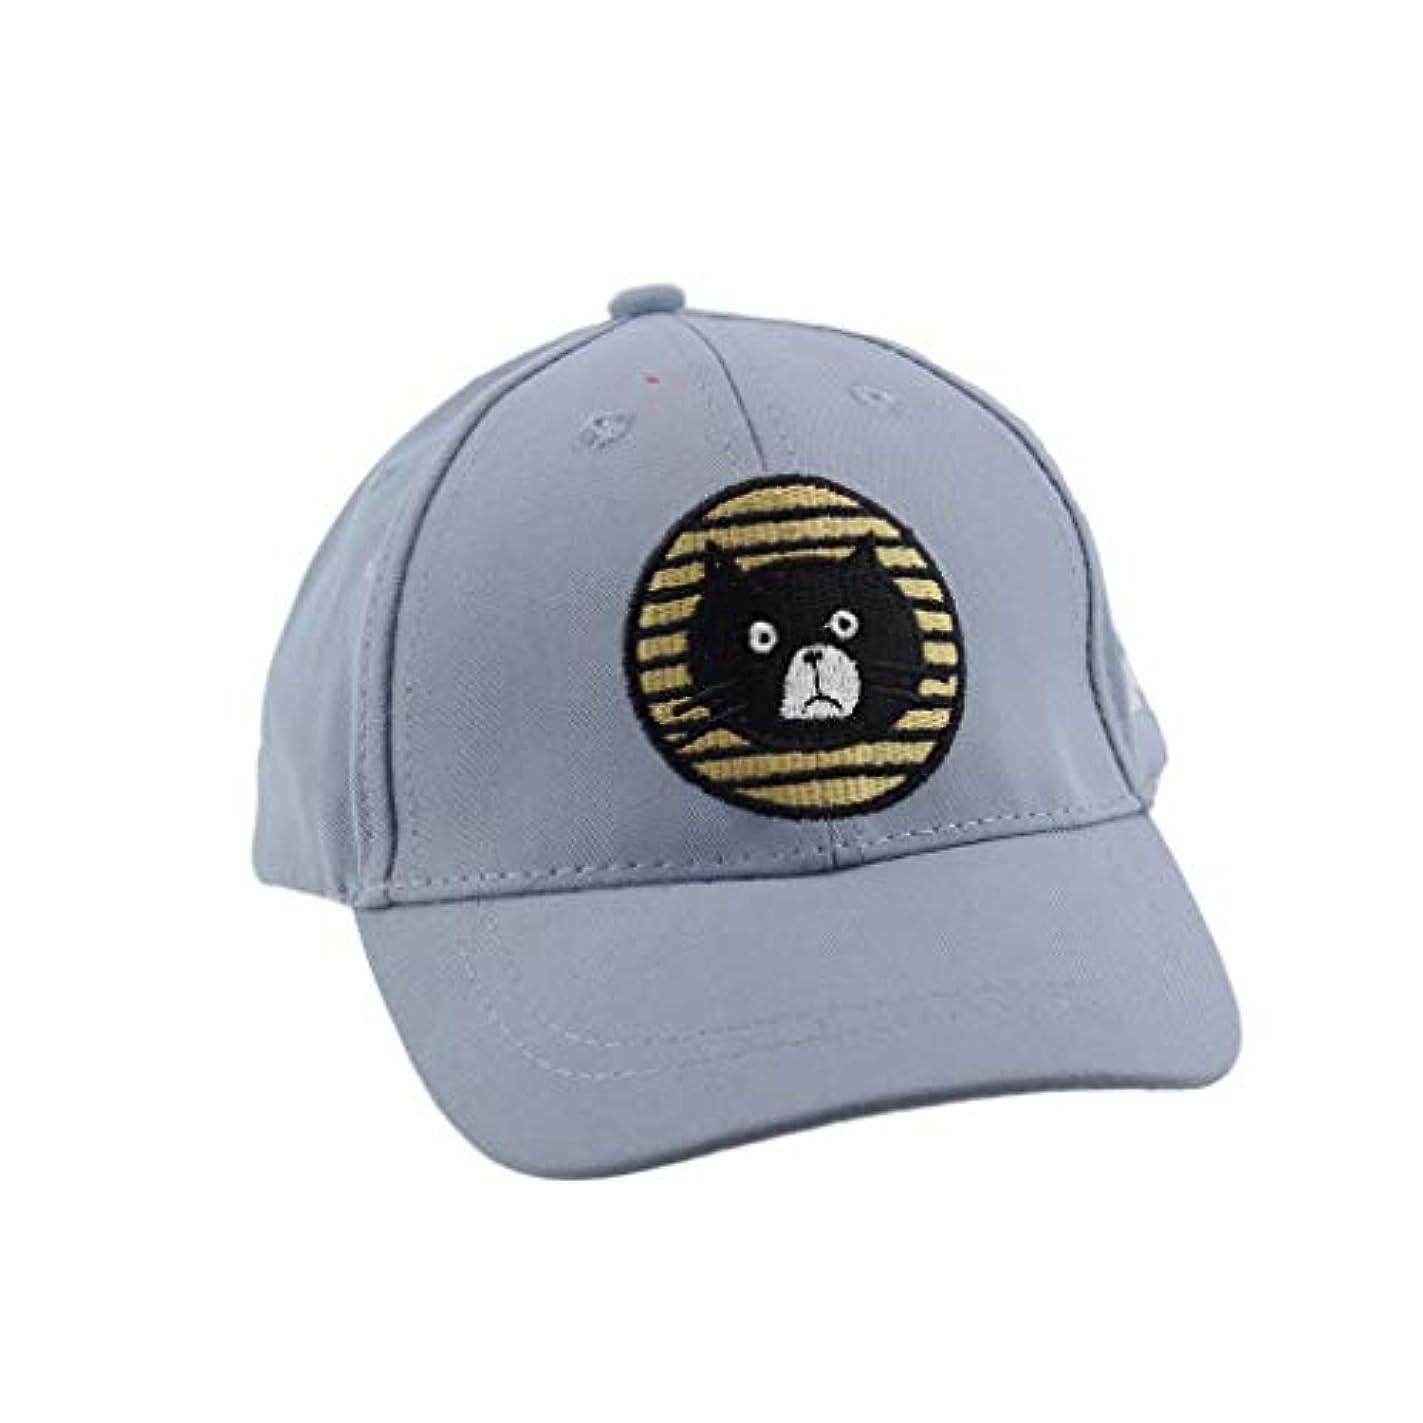 うつ損なう宿題Kaiweini 春夏新しい漁夫帽子供しゃれ ベビー帽 通気性抜群 日除け UVカット 紫外線対策スポーツ帽子男女兼用 速乾 軽薄 日よけ野球帽